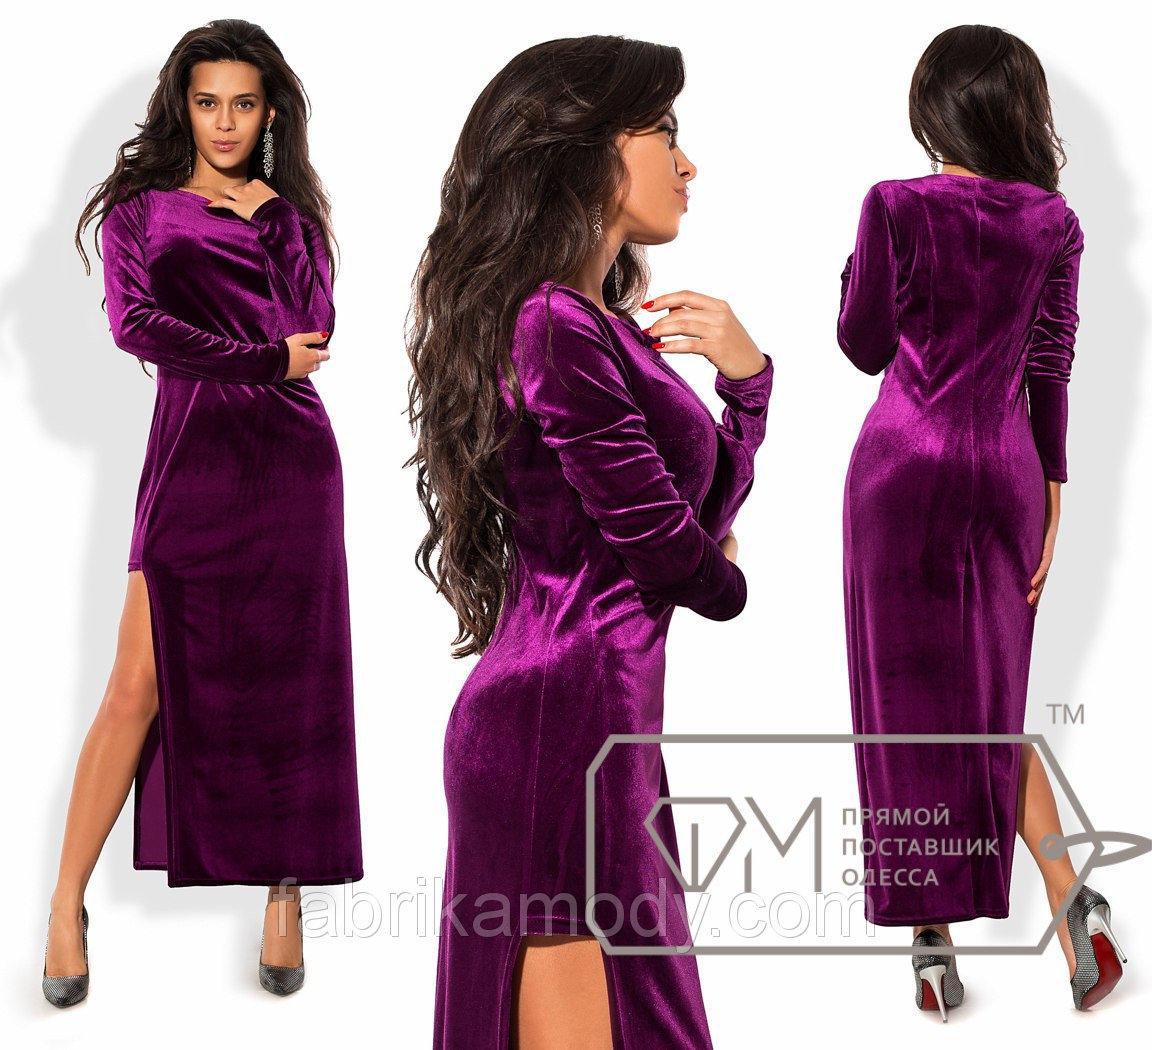 Платье макси приталенное из бархата с длинными рукавами и высоким расширенным разрезом сбоку 8320